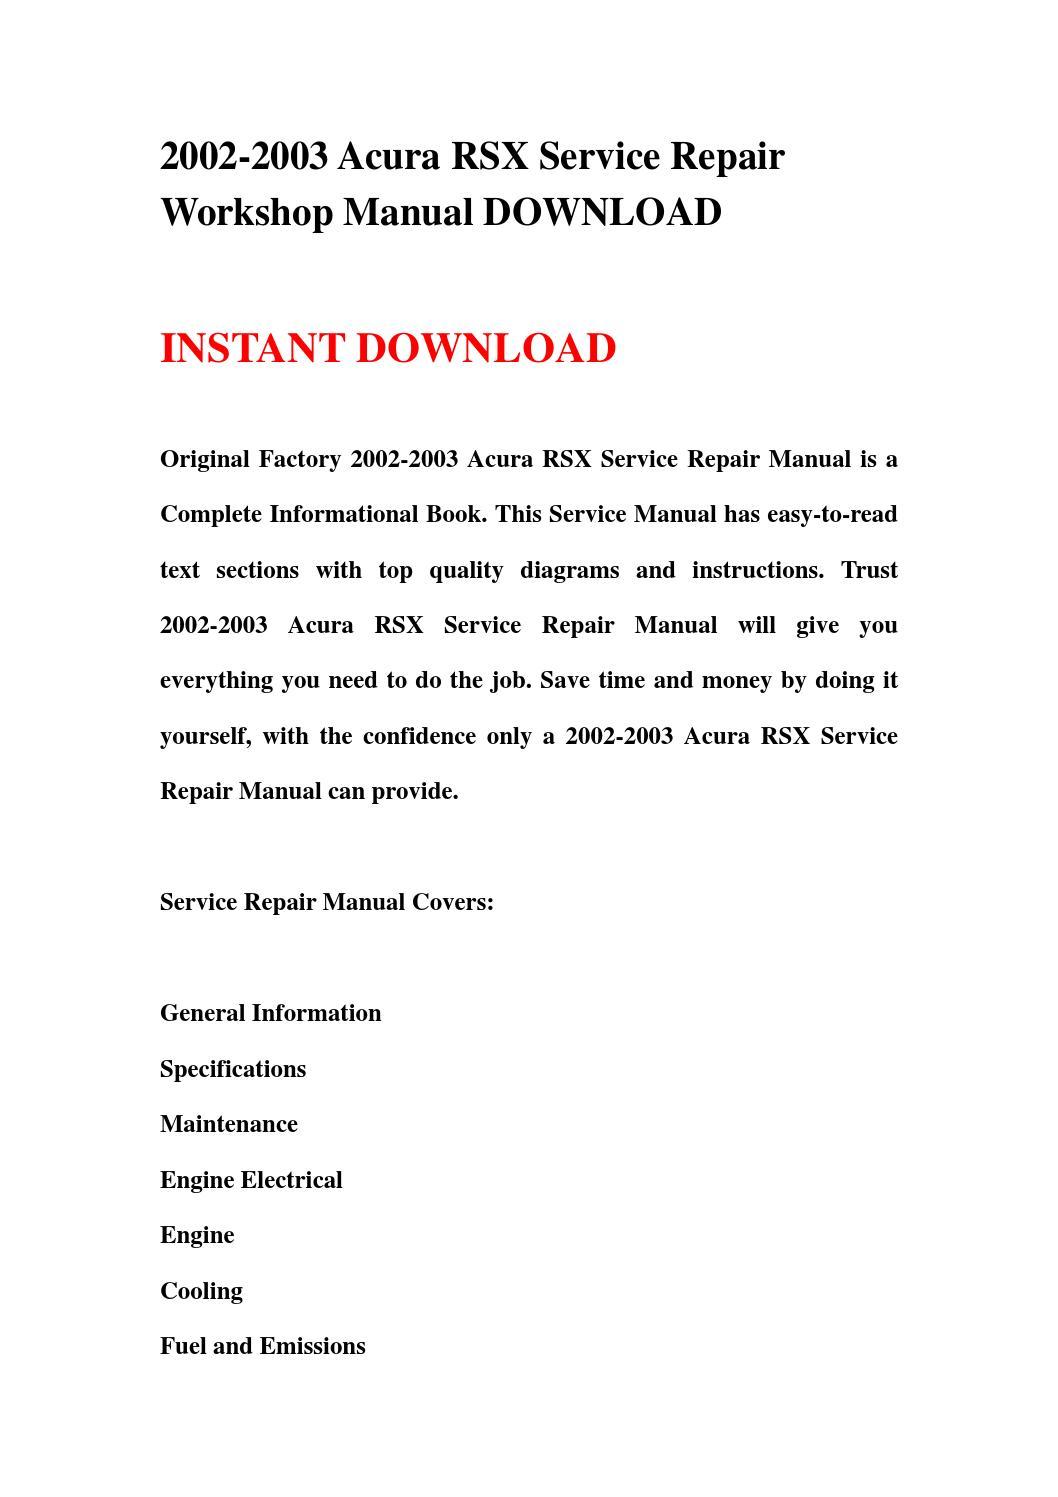 2002 2003 acura rsx service repair workshop manual download by hgbhsefnj -  issuu